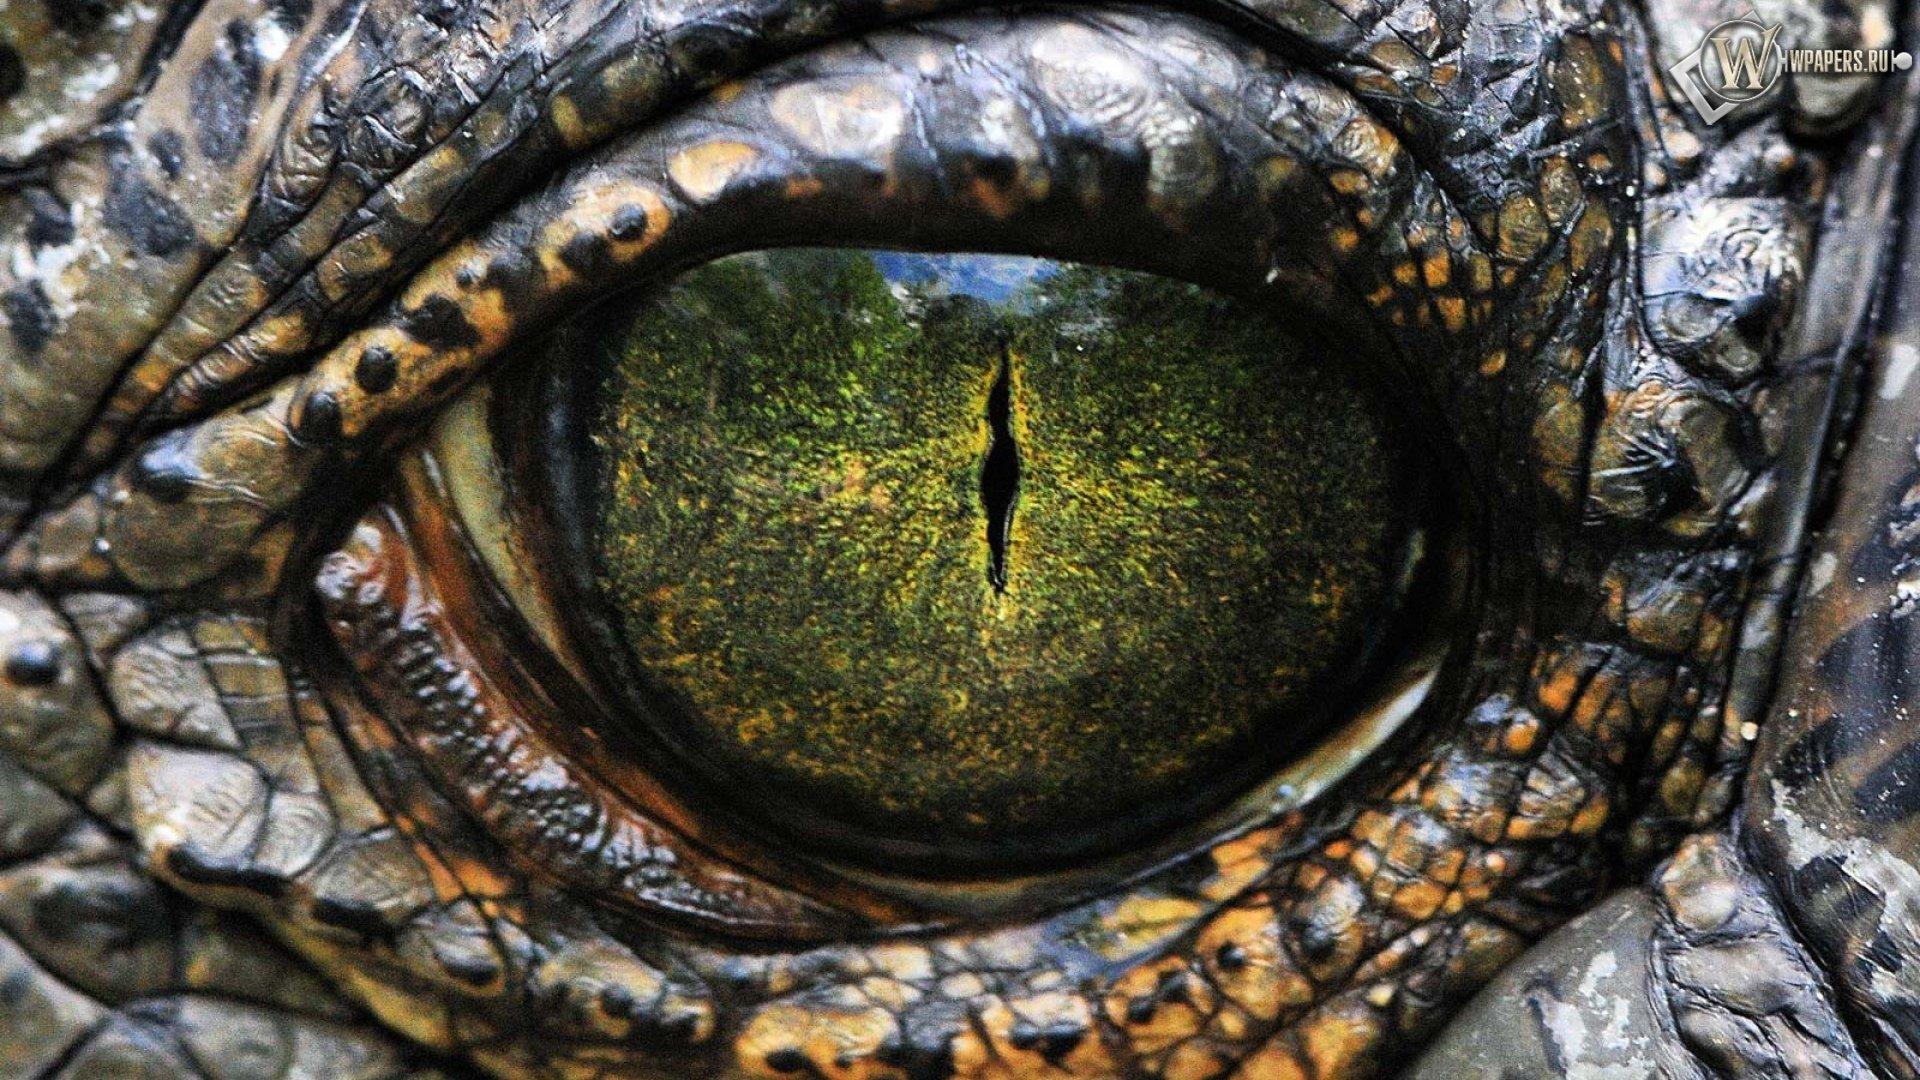 My Encounter with a Reptilian Psychopath